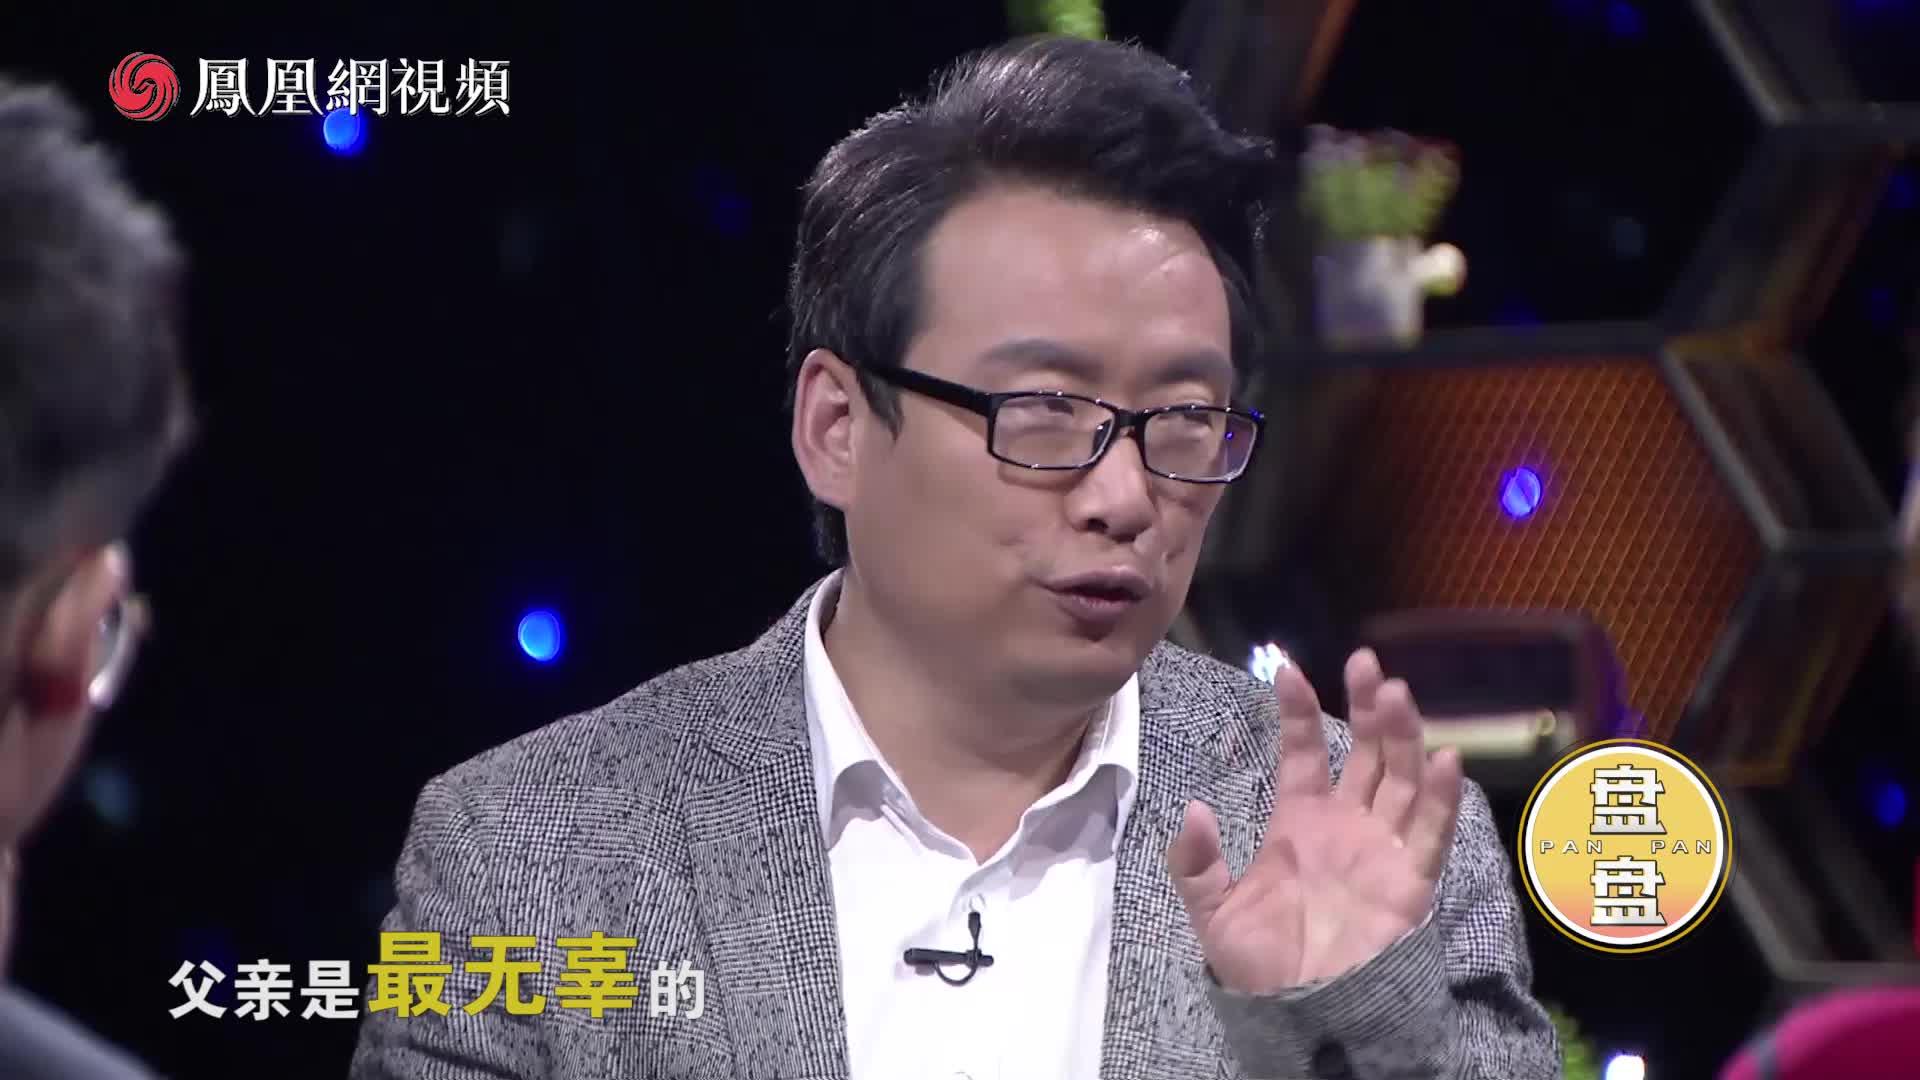 储殷:毒舌又炸毛的国关教授